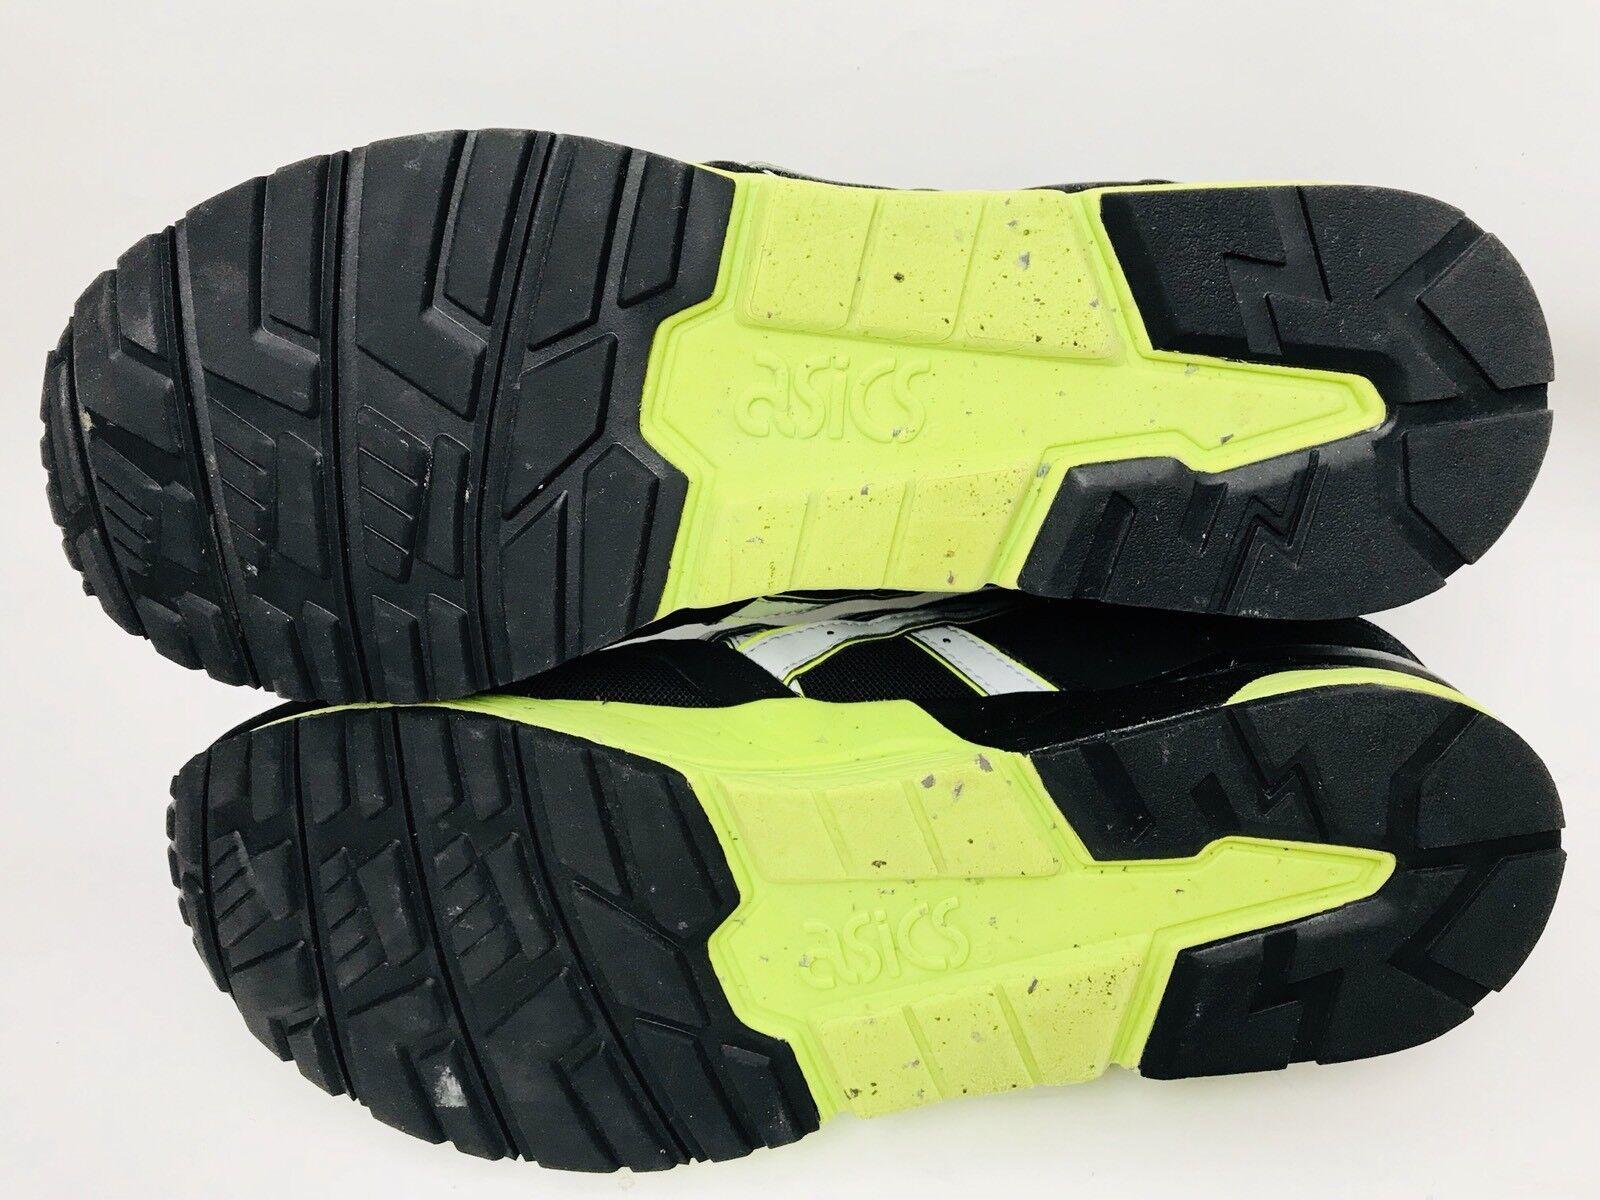 Asics gel lyte lyte lyte v goretex männer ist sportlich laufschuhe turnschuhe 11,5 grün - schwarz 9d4b96